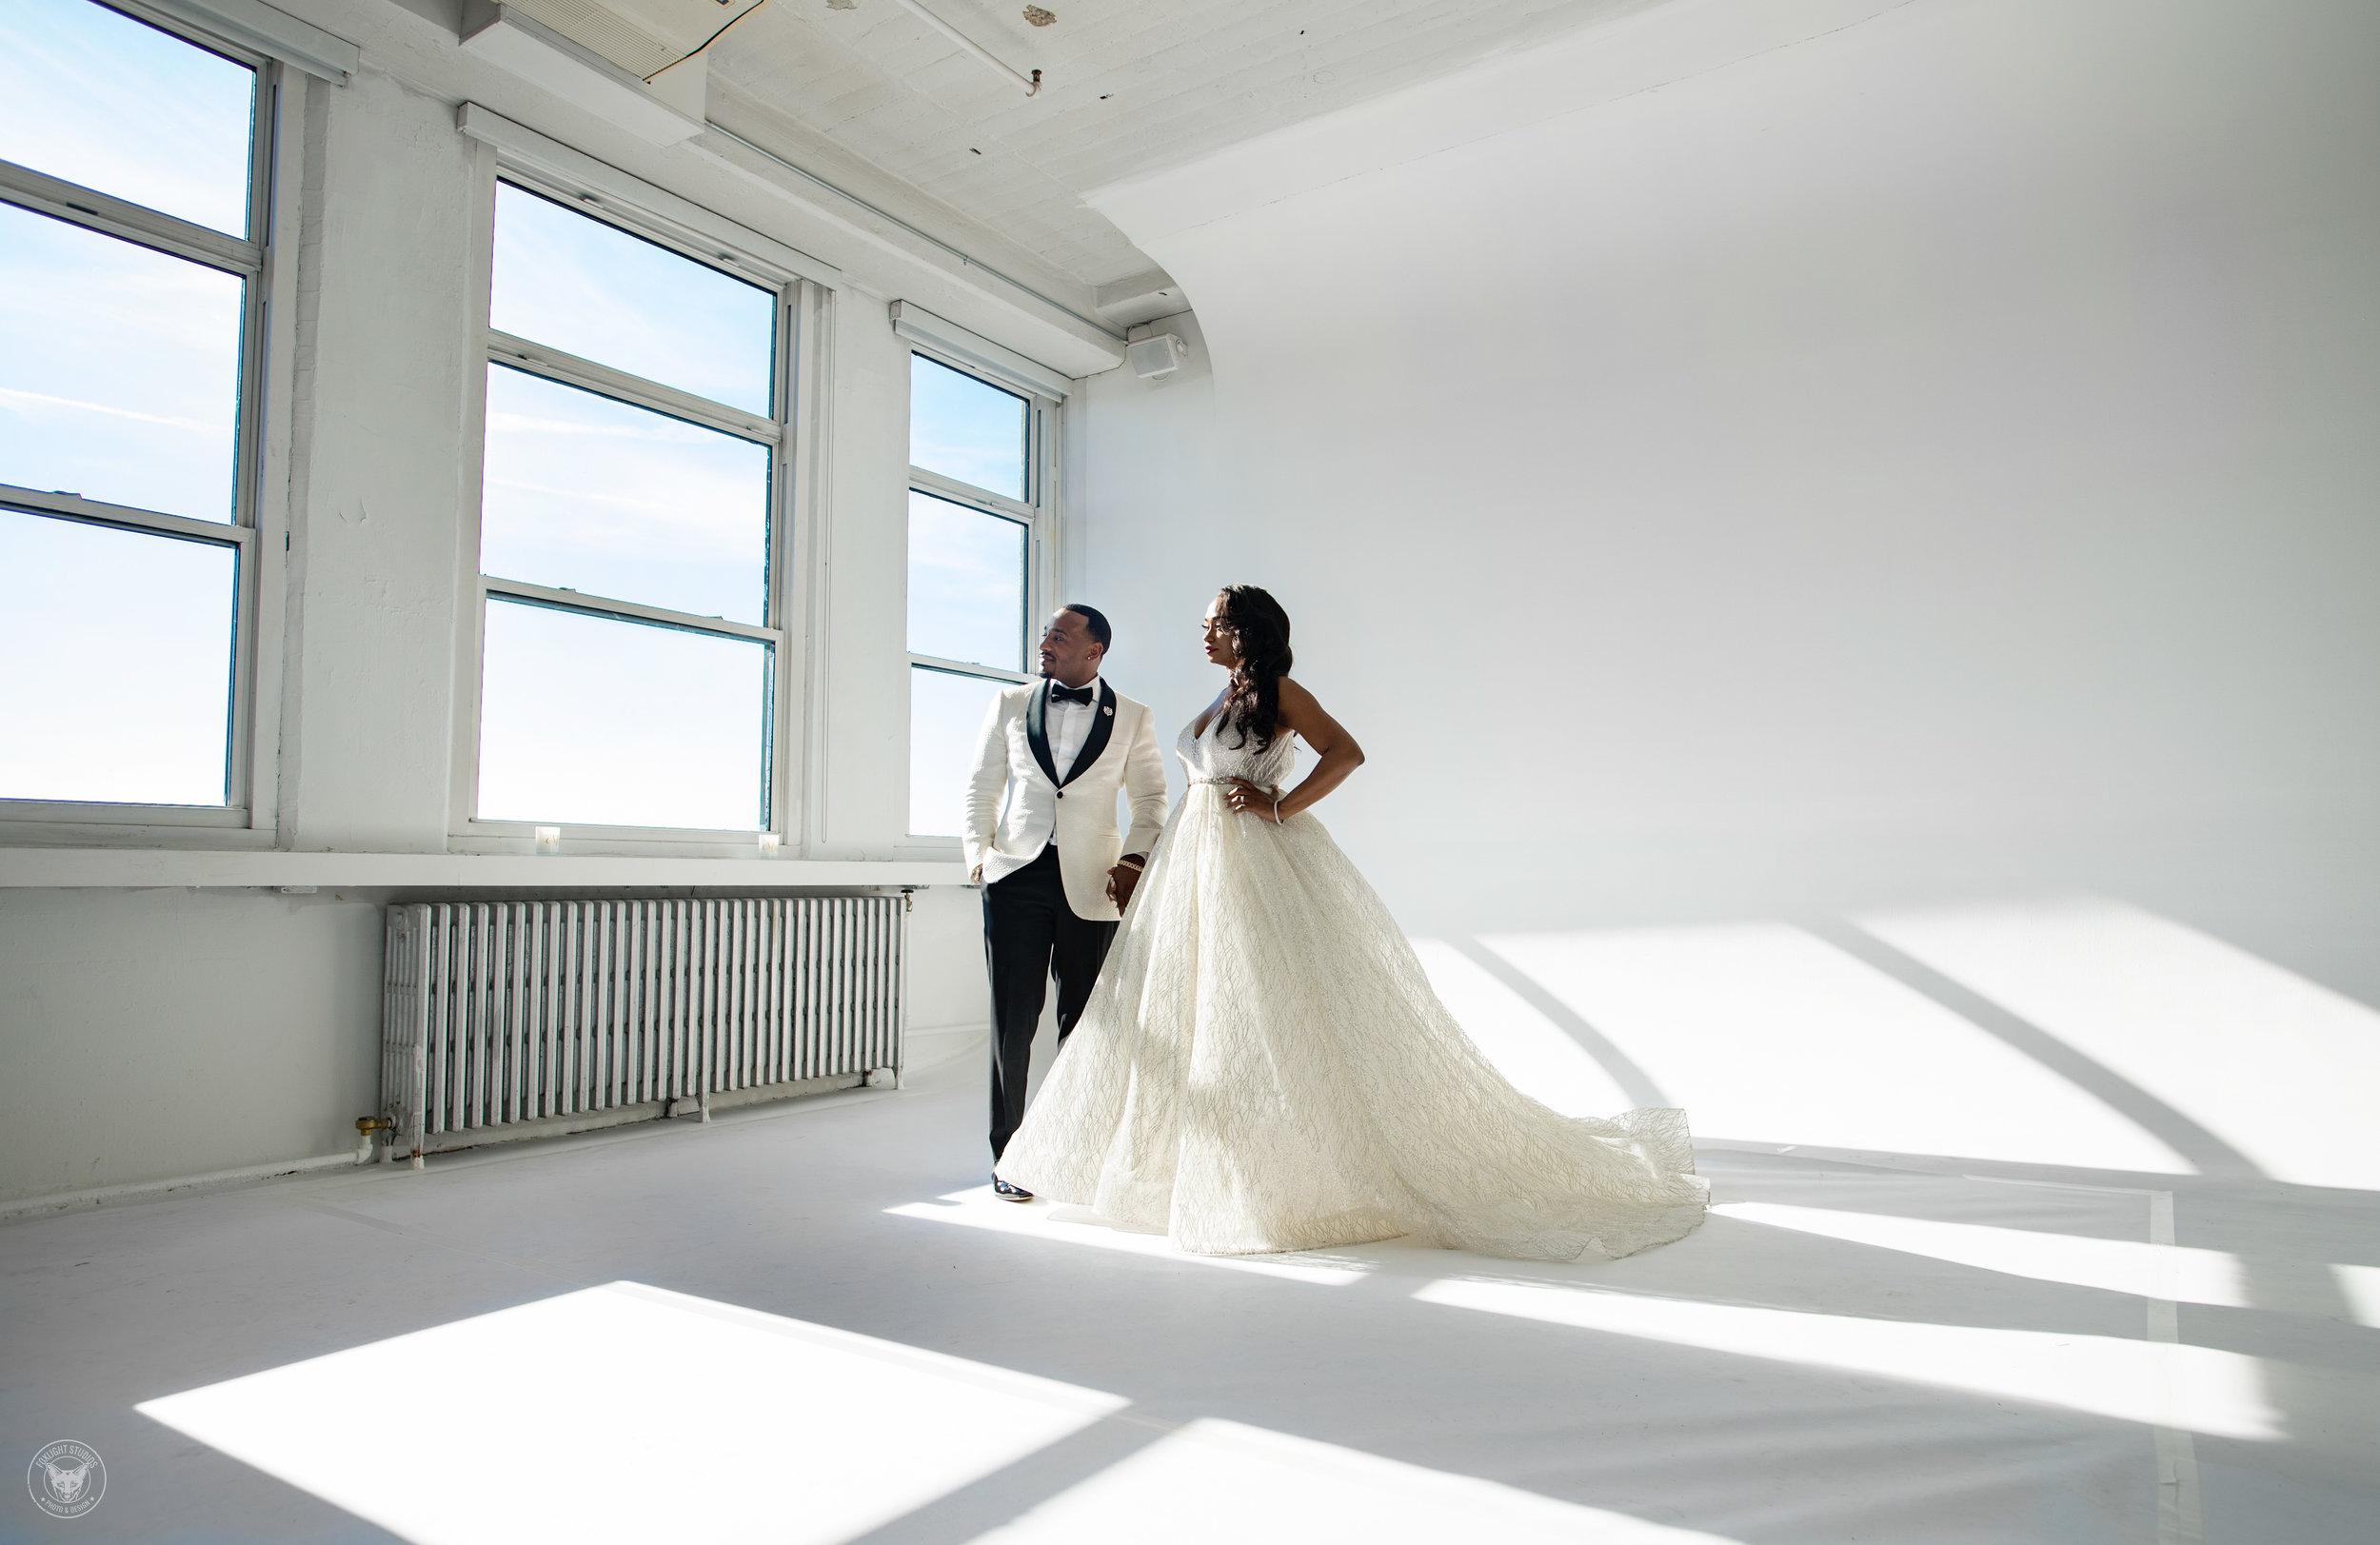 Tribeca_Rooftop_Wedding38.jpg